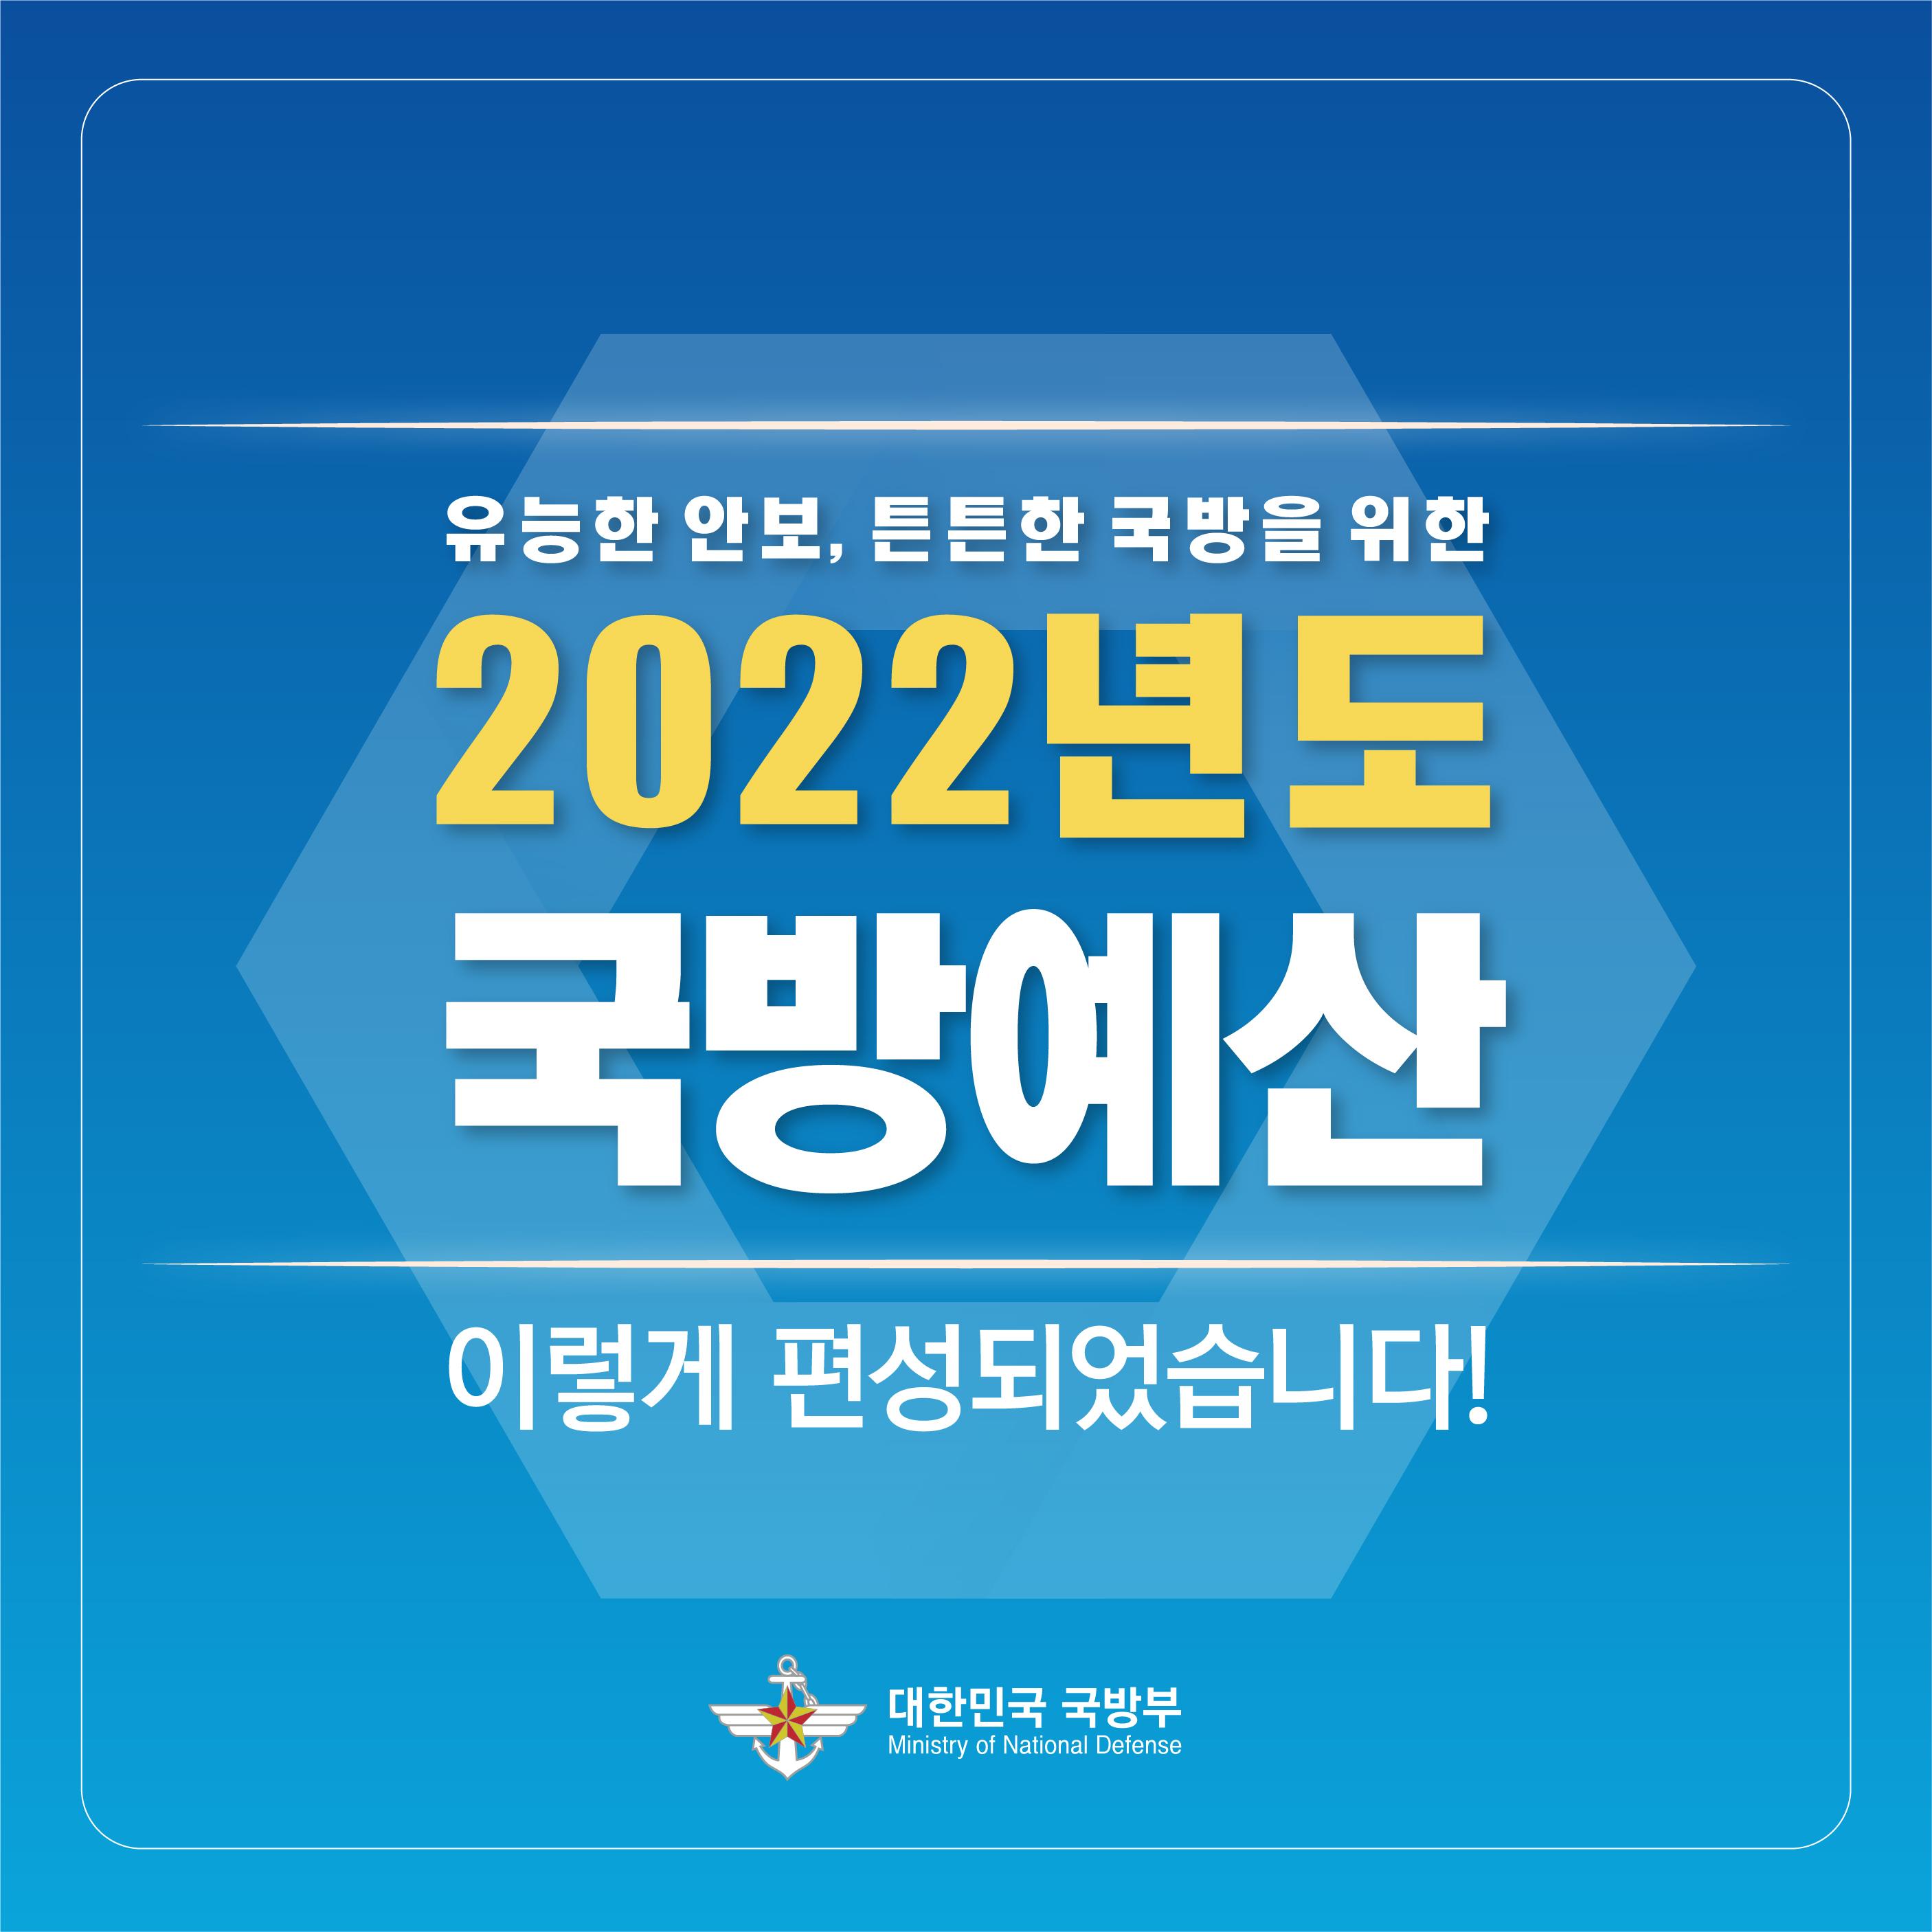 2022 국방예산 카드뉴스 1.jpg